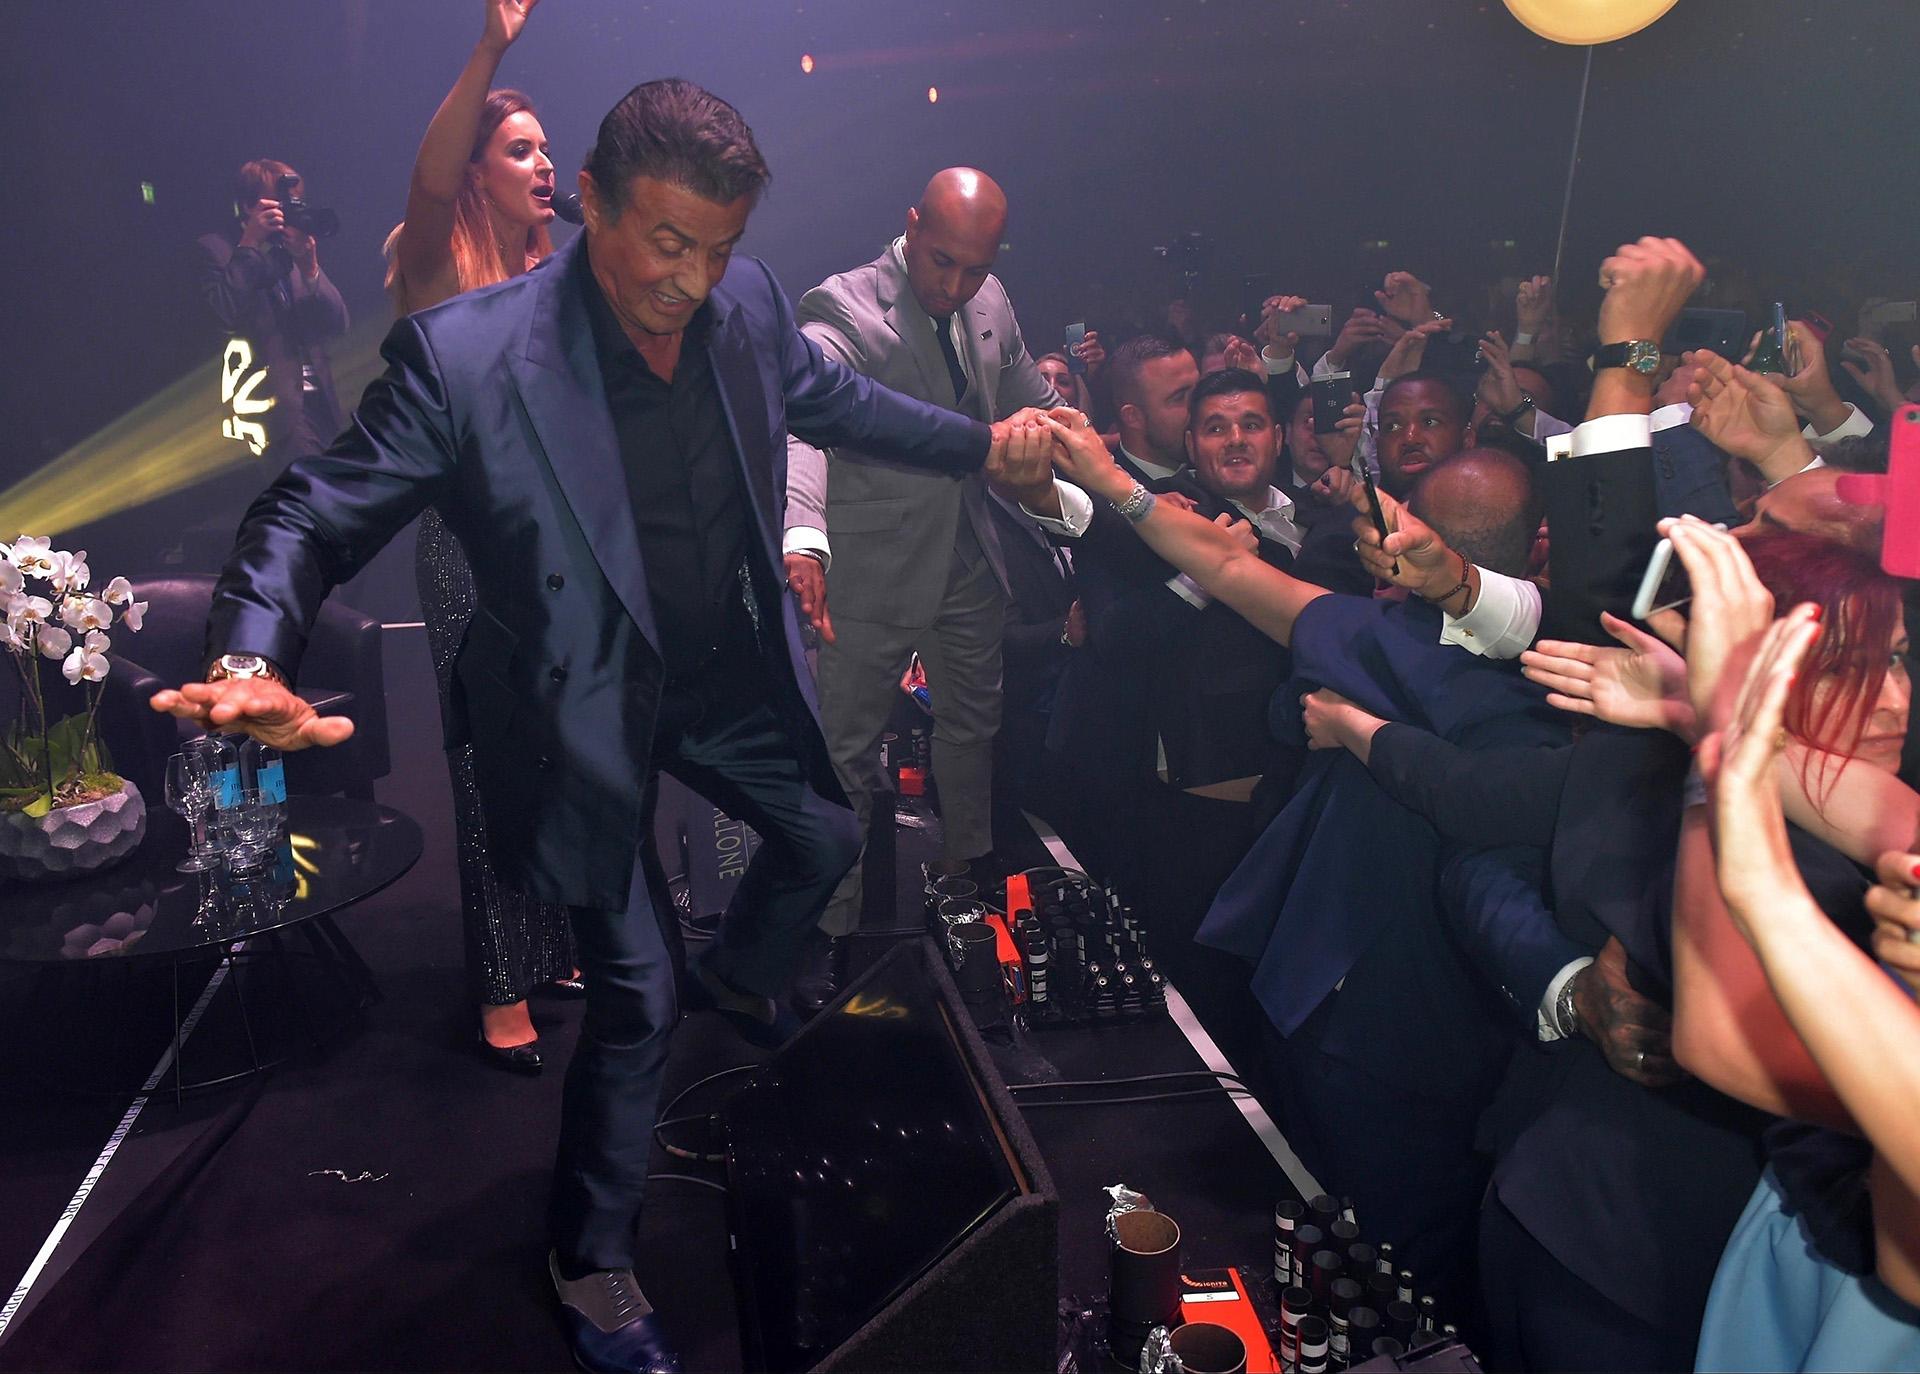 Stallone no se privó de nada y hasta se animó a bailar arriba del escenario (Grosby Group)